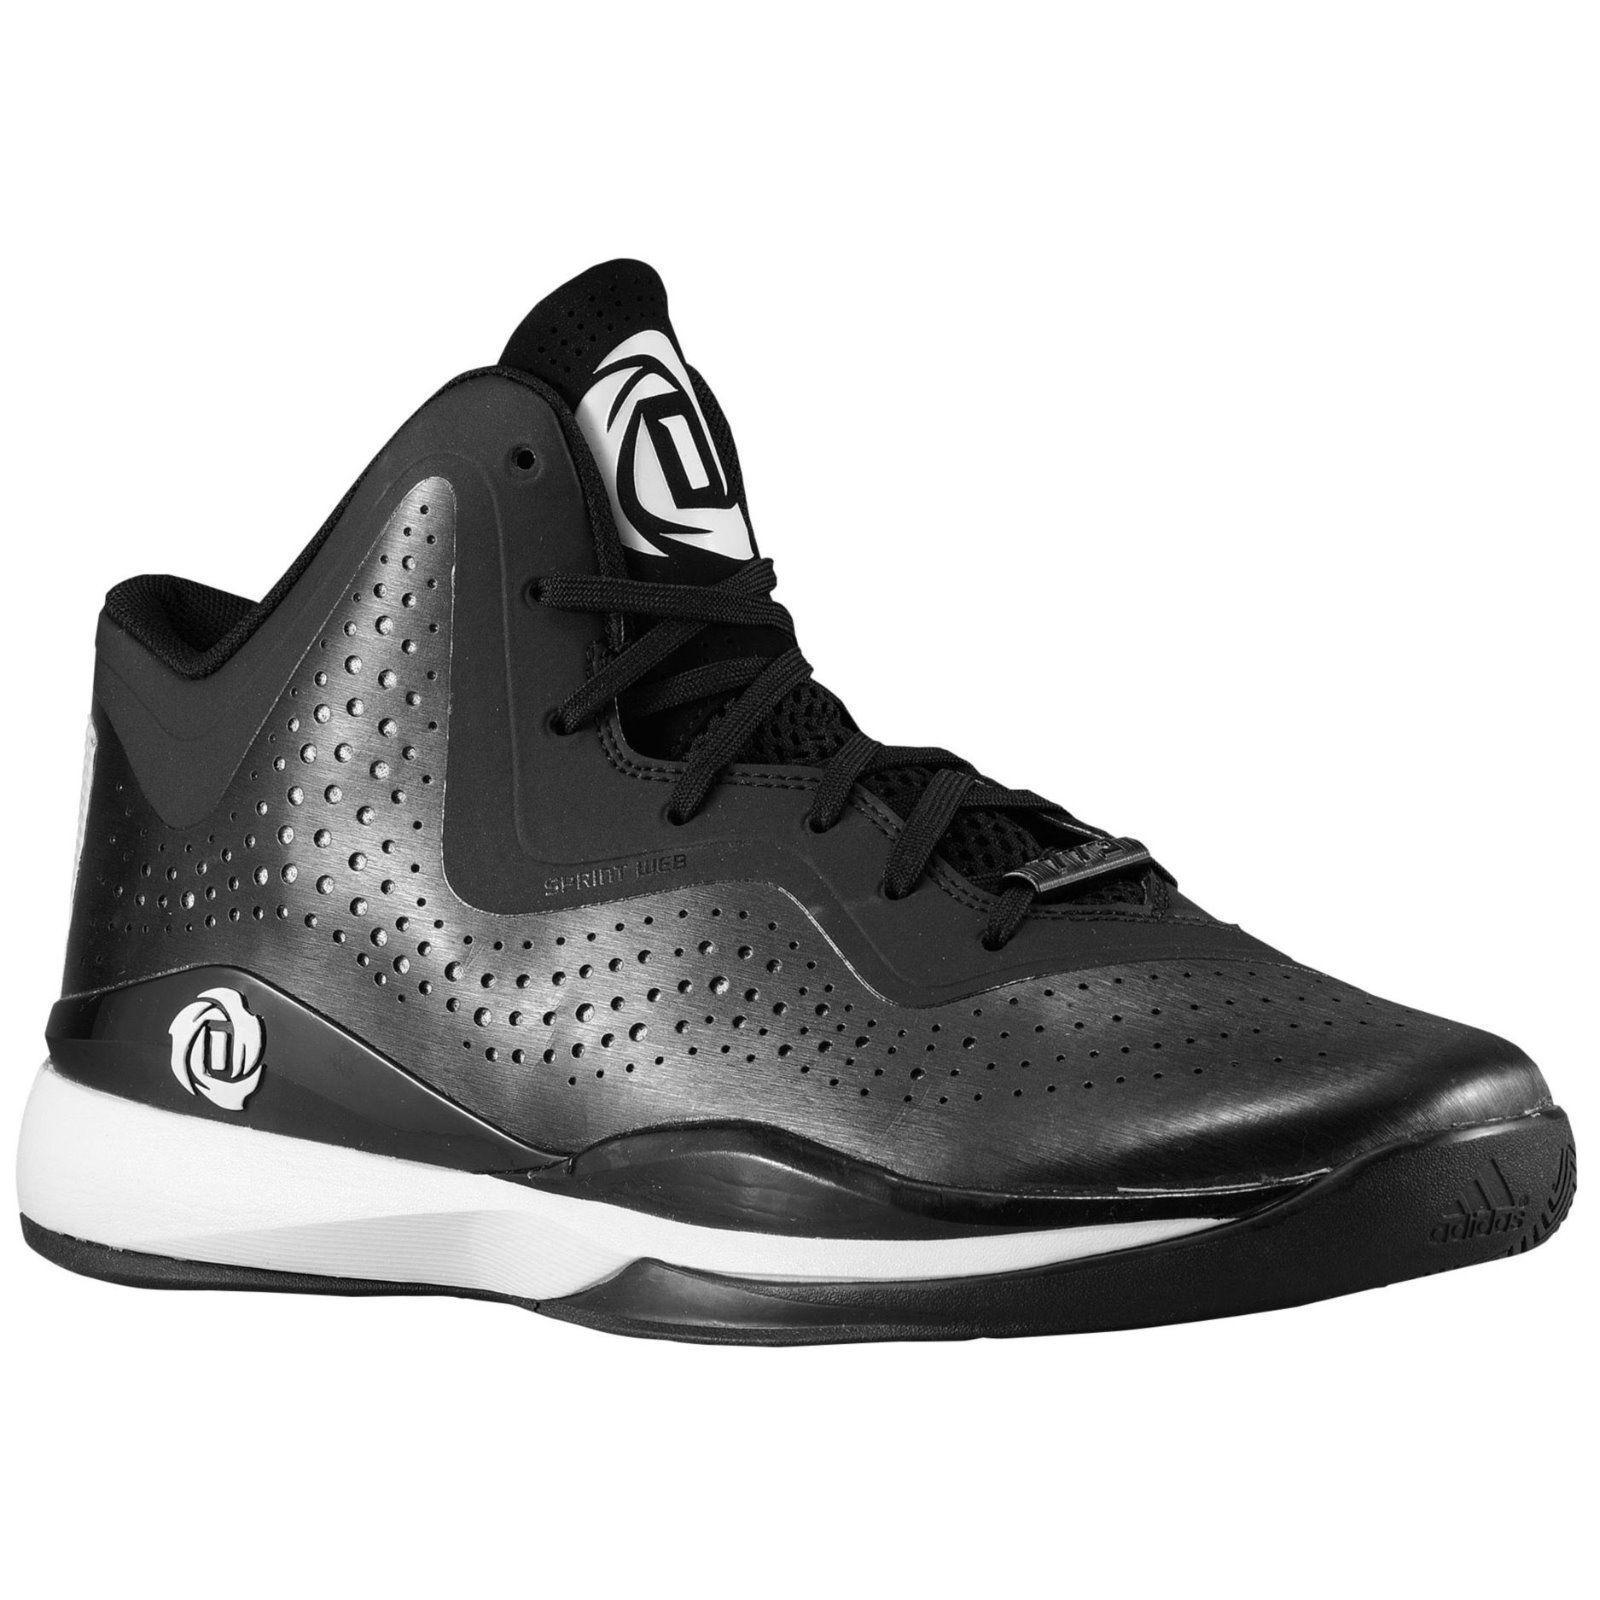 NEW Adidas D Rose 773 III Uomo Basketball Shoes Nero/White - Size 7.5. MRS  115